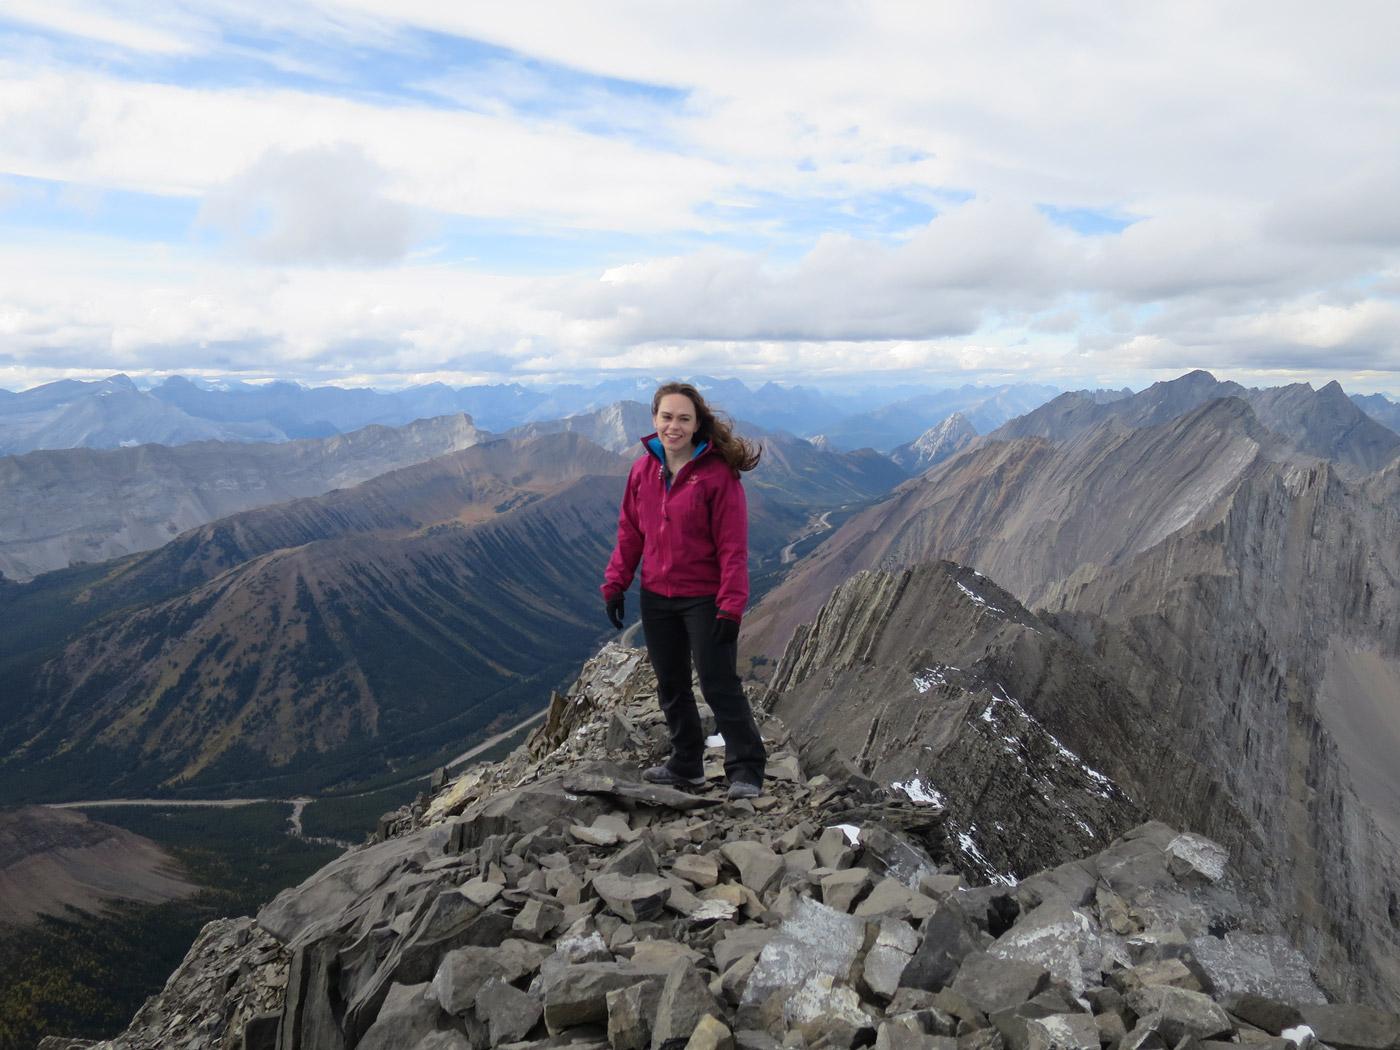 Jolene Rempel on summit of Mist Mountain in Kananaskis Country, Alberta, Canada.